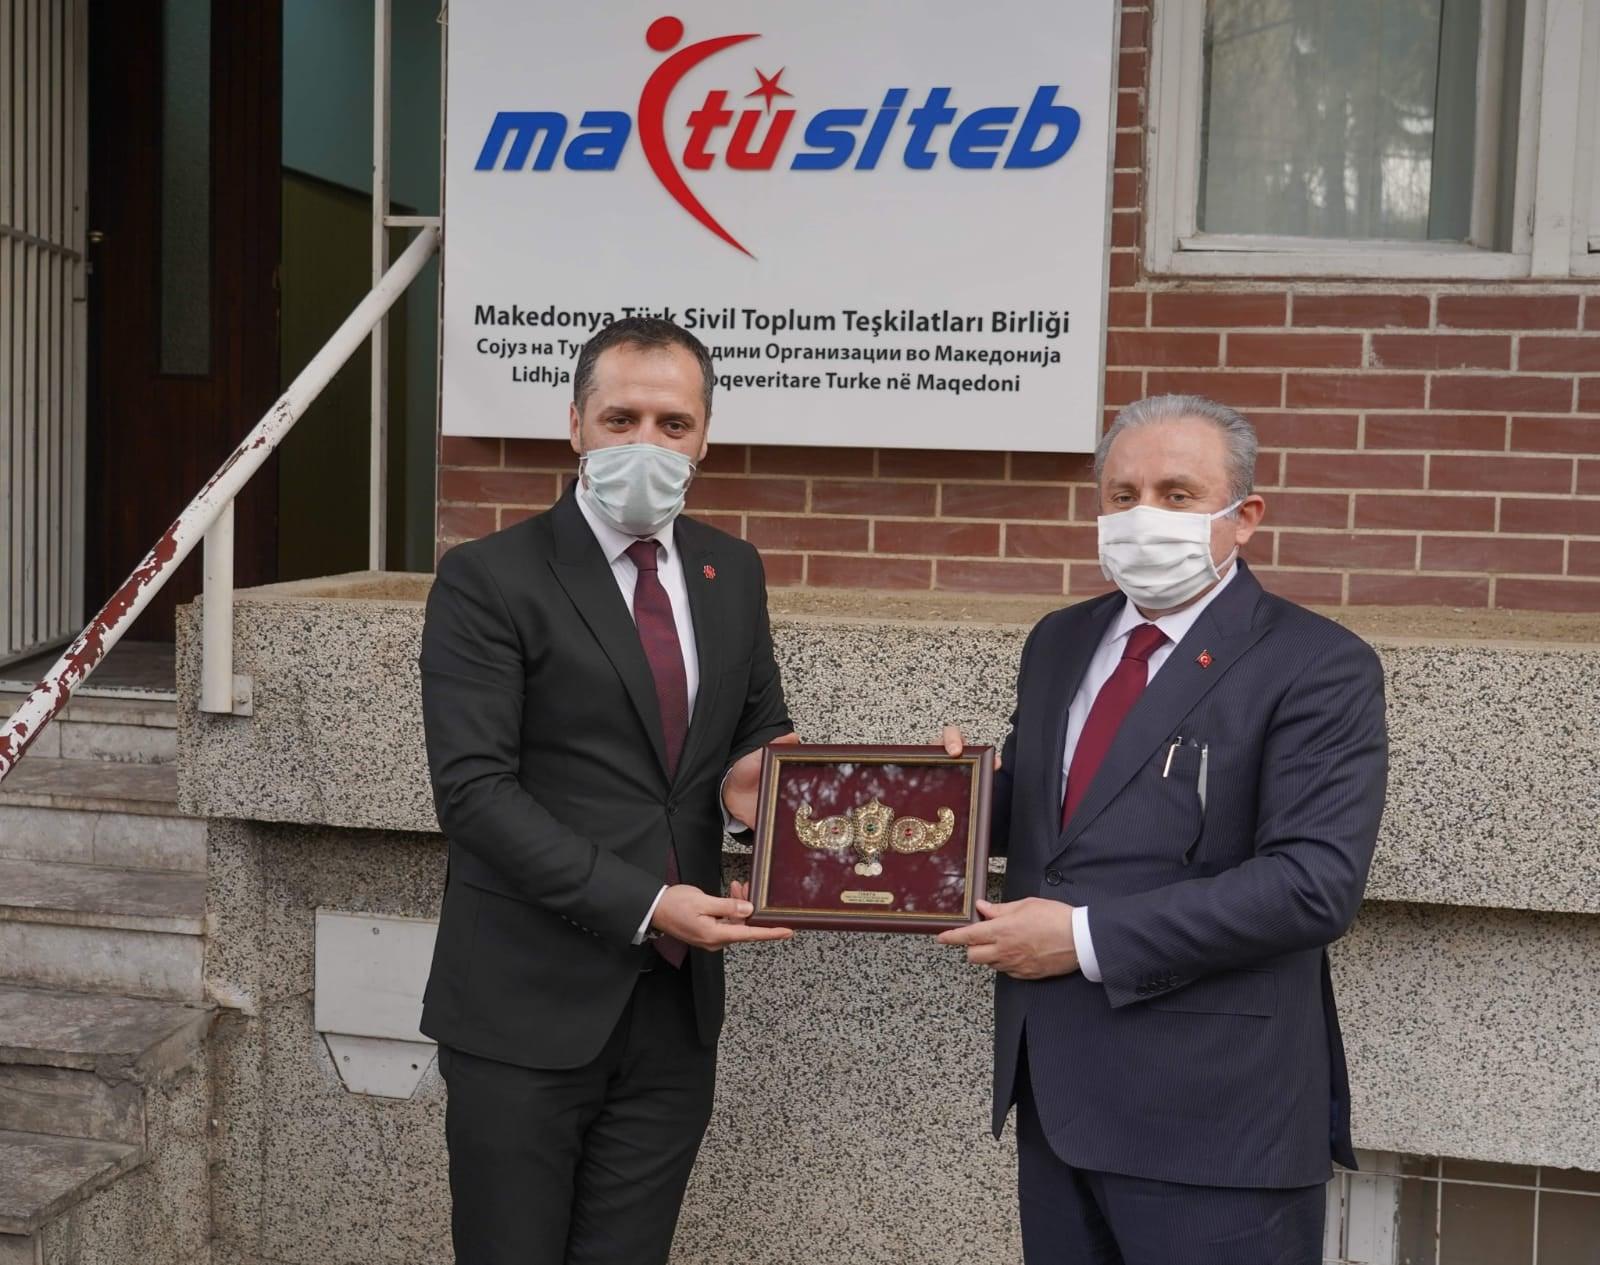 TBMM Başkanı Şentop, MATÜSİTEB'i ziyaret etti